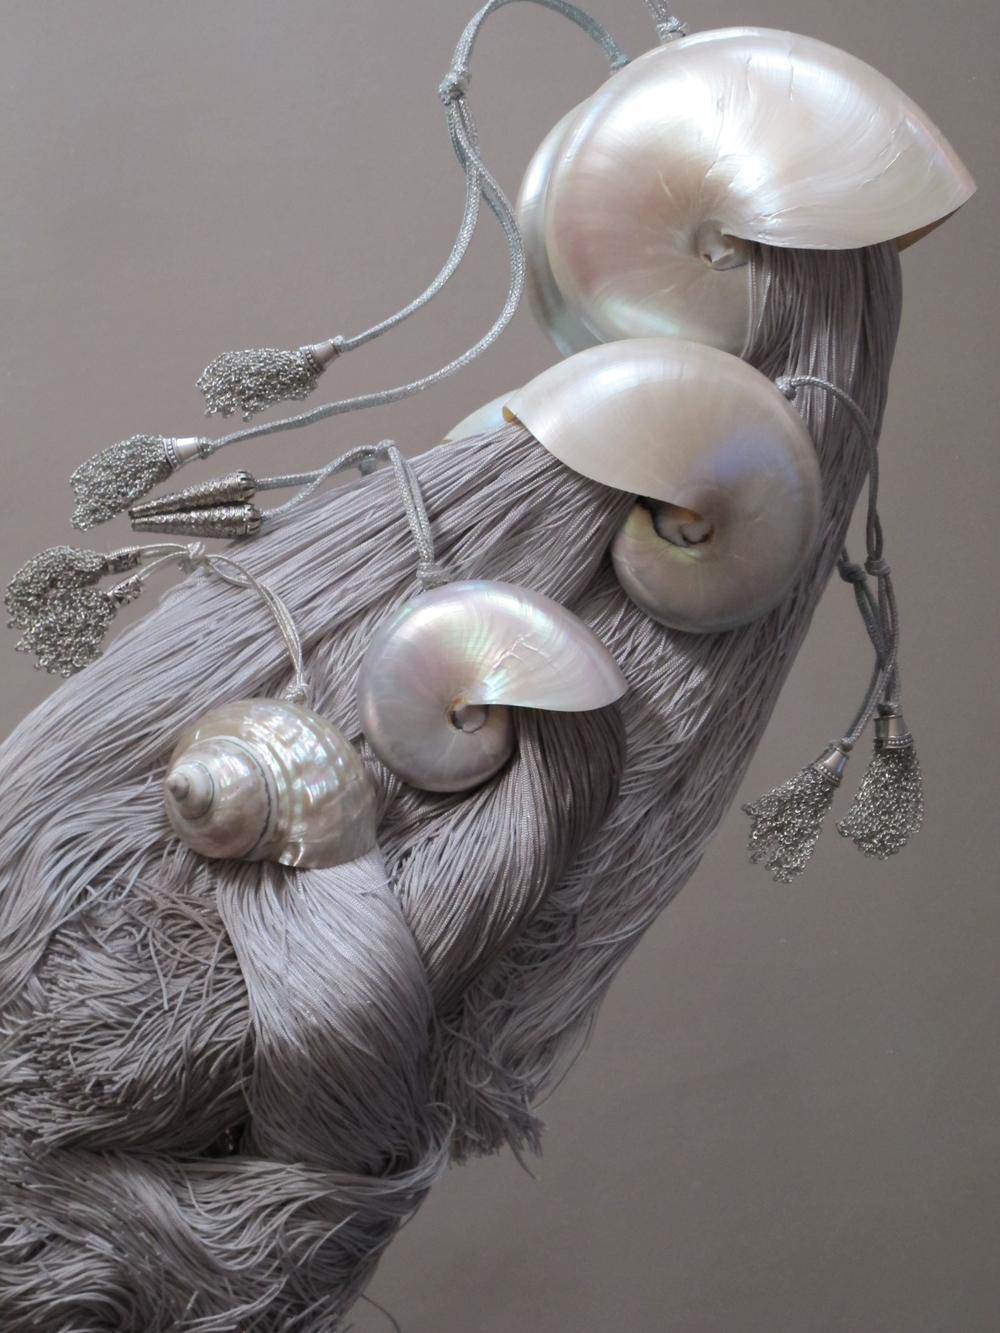 ATTIS - THEIA - MAIA - THETYS [[Polynesian mother-of-pearl nautilusand burgo shell arrangementsby///Nautiles et burgode polynésienacréspar]] Le Secret de la Muse NOUVEAUTE